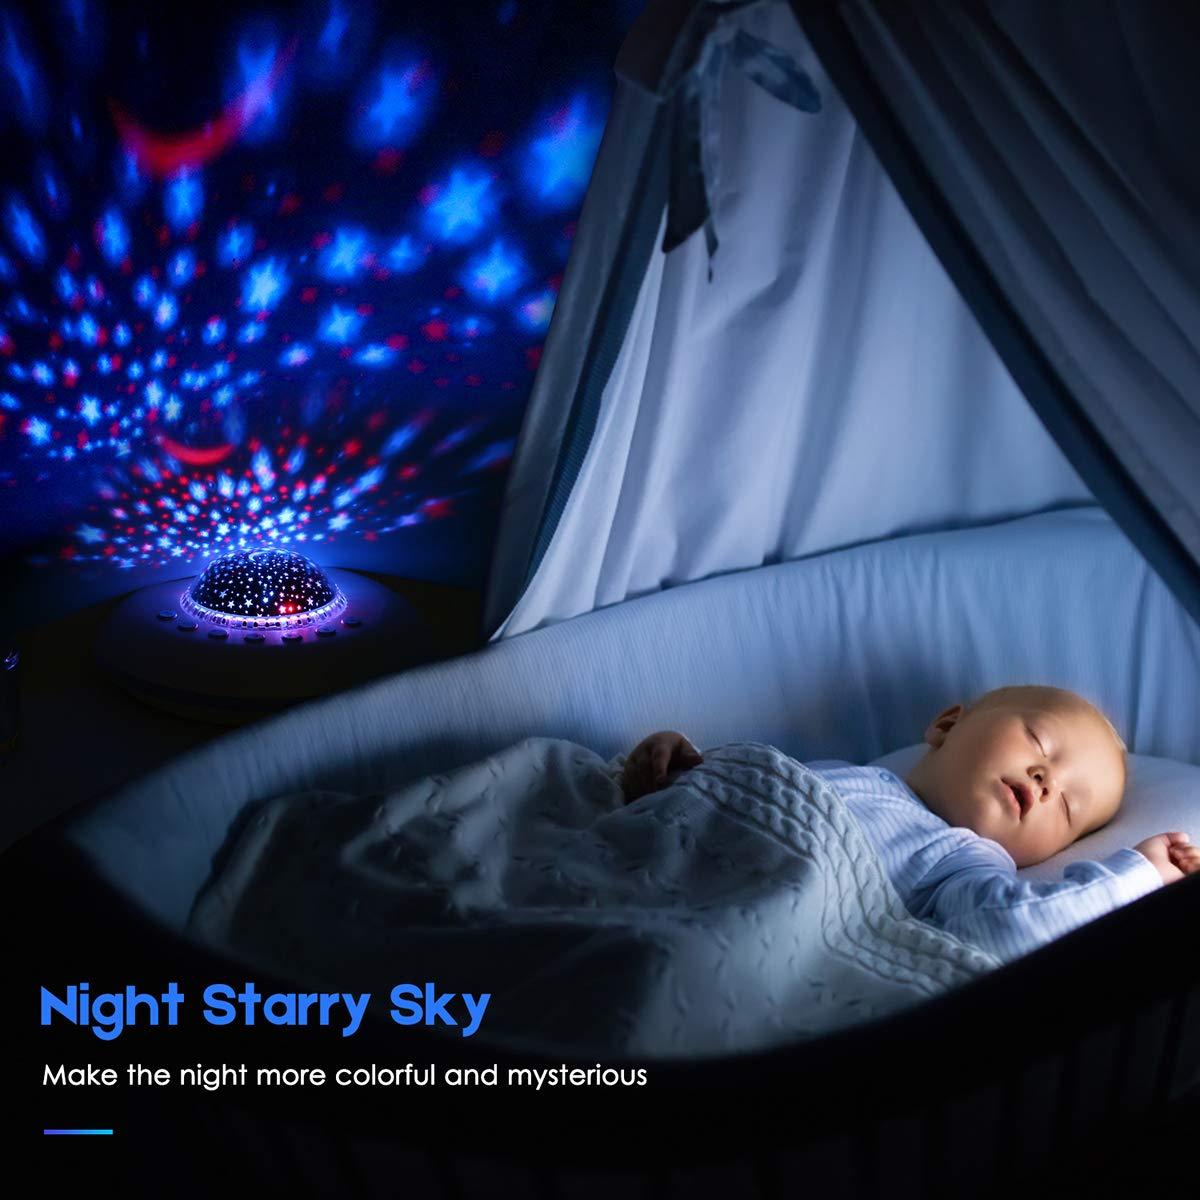 Sternprojektor-Nachtlicht White Noise Machine mit 20 non-looping beruhigende Kl/änge Nachtlicht-Lampenprojektor f/ür Baby Kinderzimmer-Deko,Timer-Funktion Batterie oder USB-Adapter